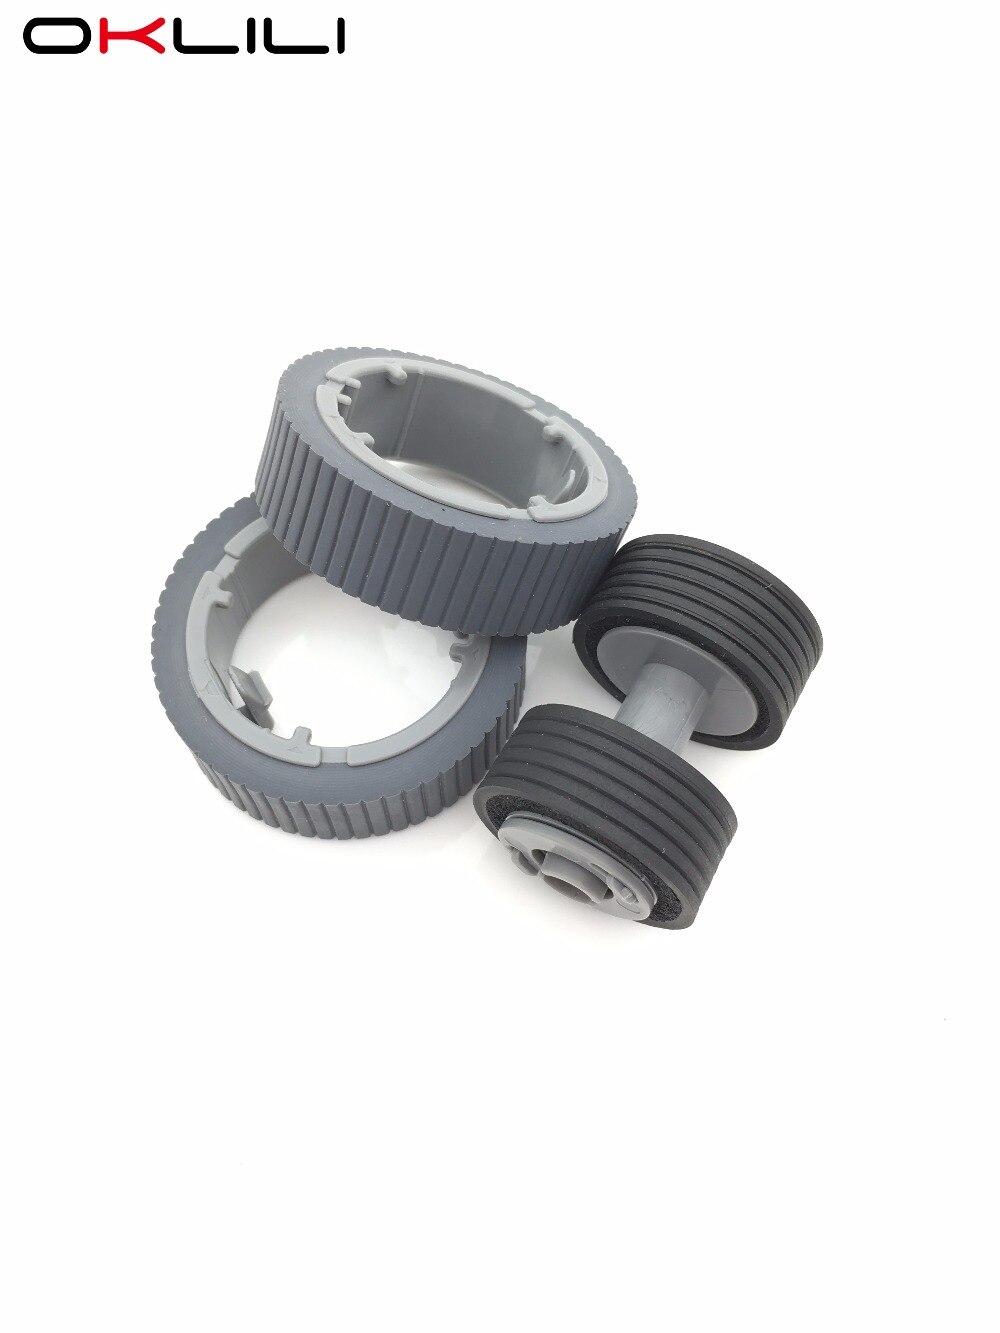 1SET PA03670-0001 PA03670-0002 Consumable Kit Pick Roller Brake Roller Pickup Roller for Fujitsu fi-7160 fi-7260 fi-7180 fi-7280 цена 2017